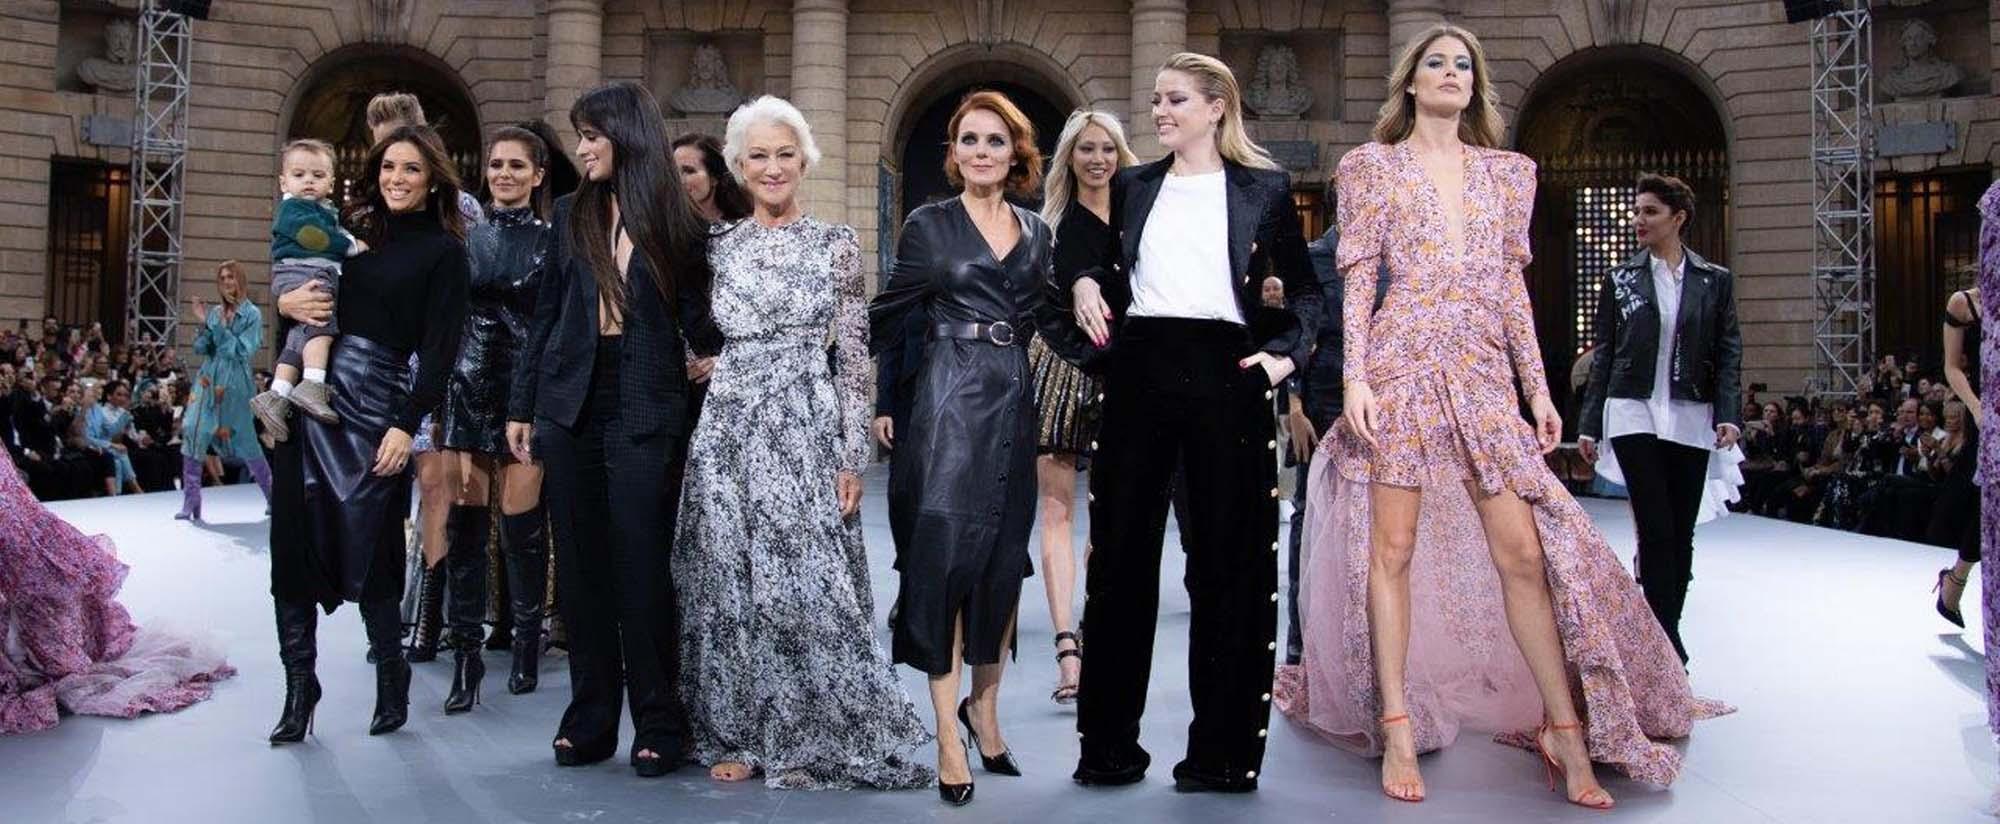 דוברות לוריאל פריז בשבוע האופנה בתצוגה של לוריאל פריז צילום: GIOVANNI GIANNONI - 11, אופנה 2020, Fashion Israel, חדשות אופנה 2020, כתבות אופנה 2020, טרנדים 2020, מגזין אופנה ישראלי -